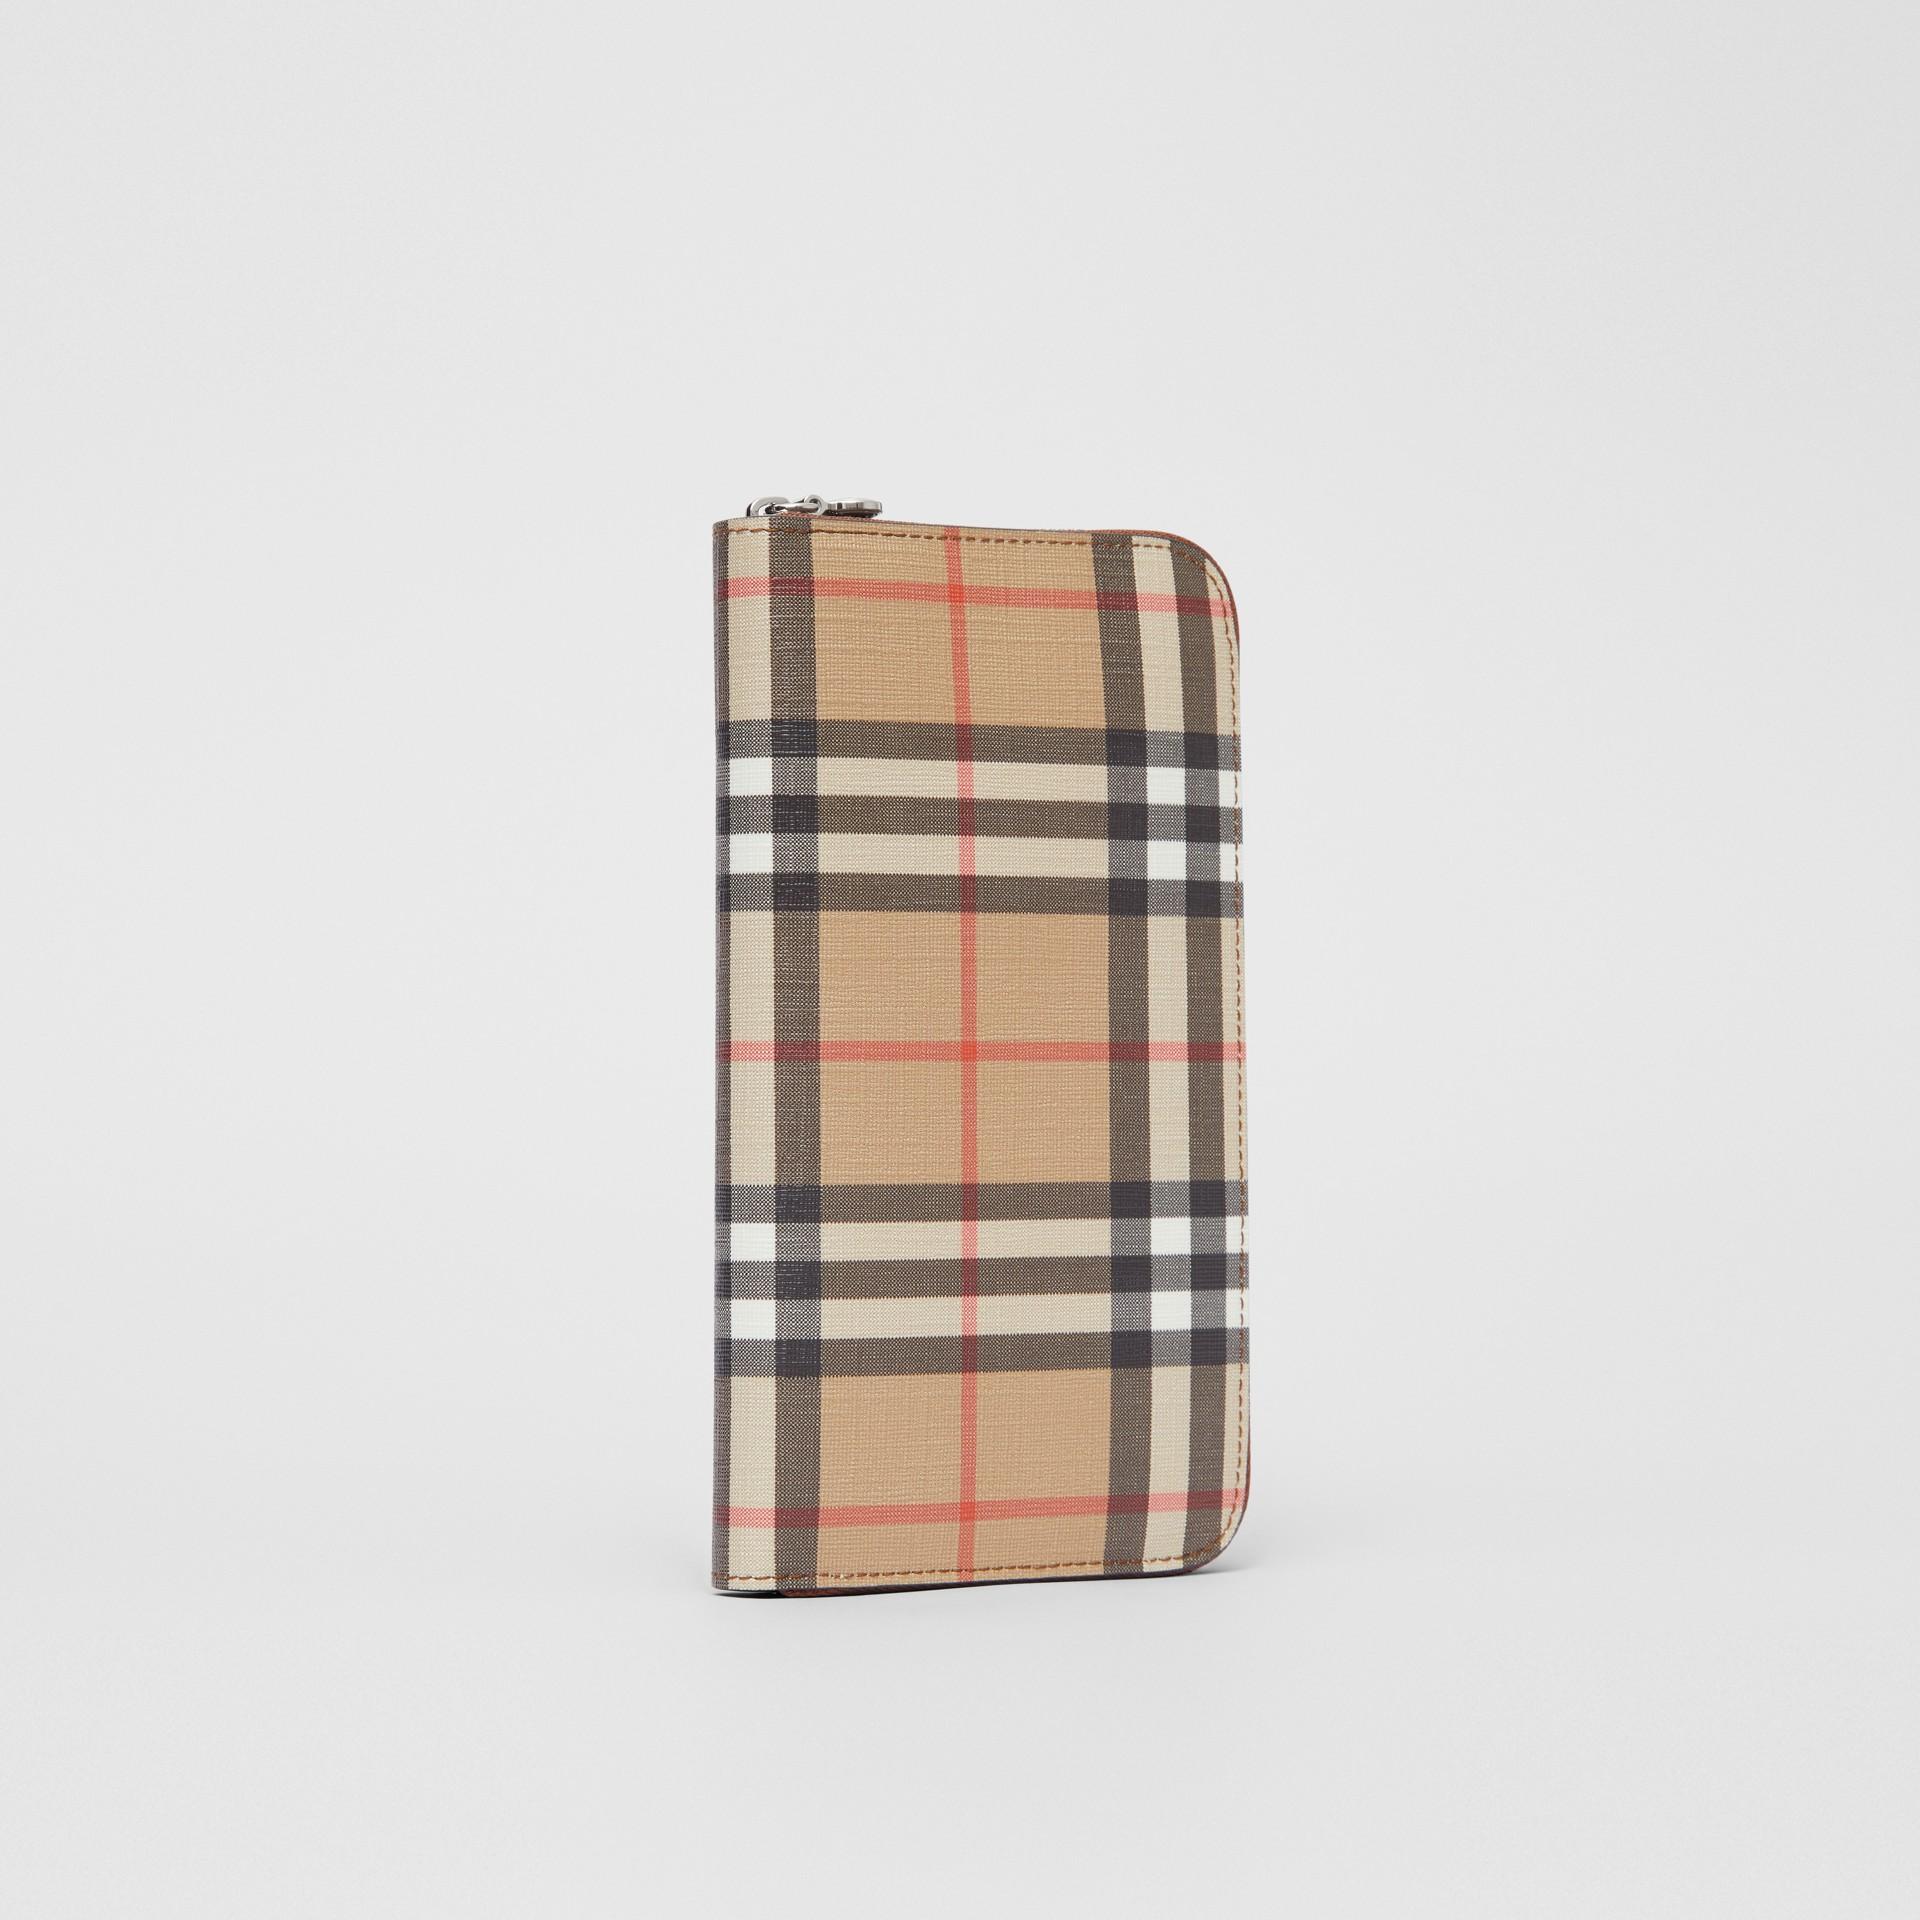 Бумажник из ткани e-canvas в клетку (Солодовый) - Для женщин | Burberry - изображение 3